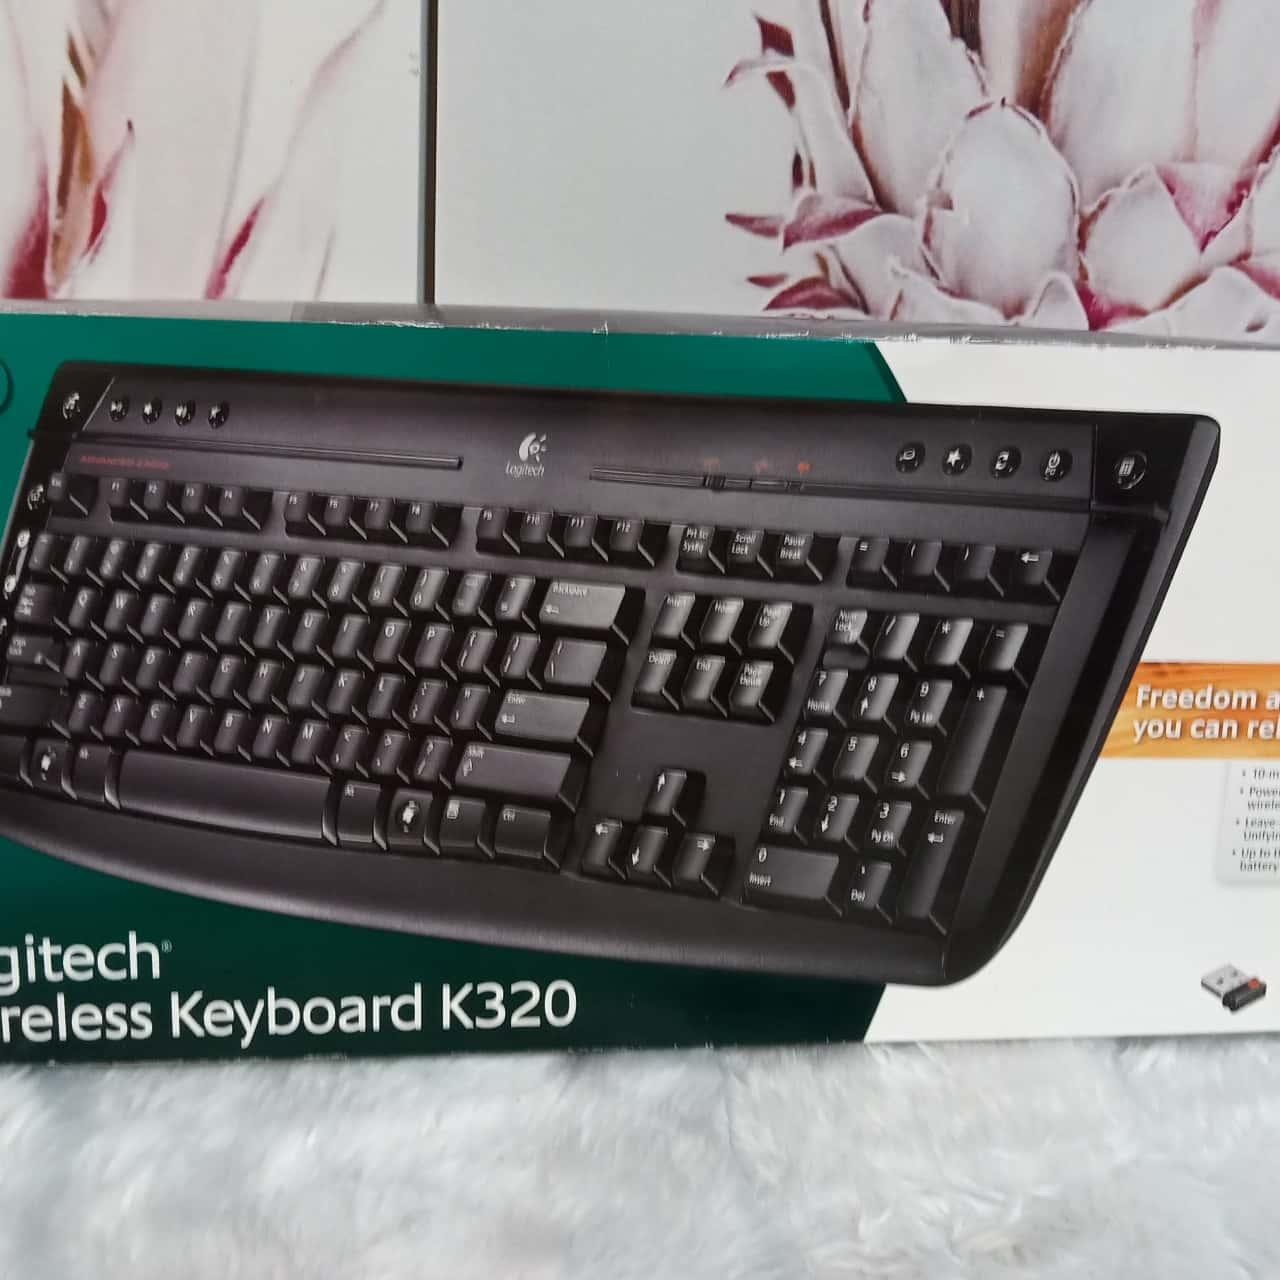 Logitech Wireless Keyboard K320